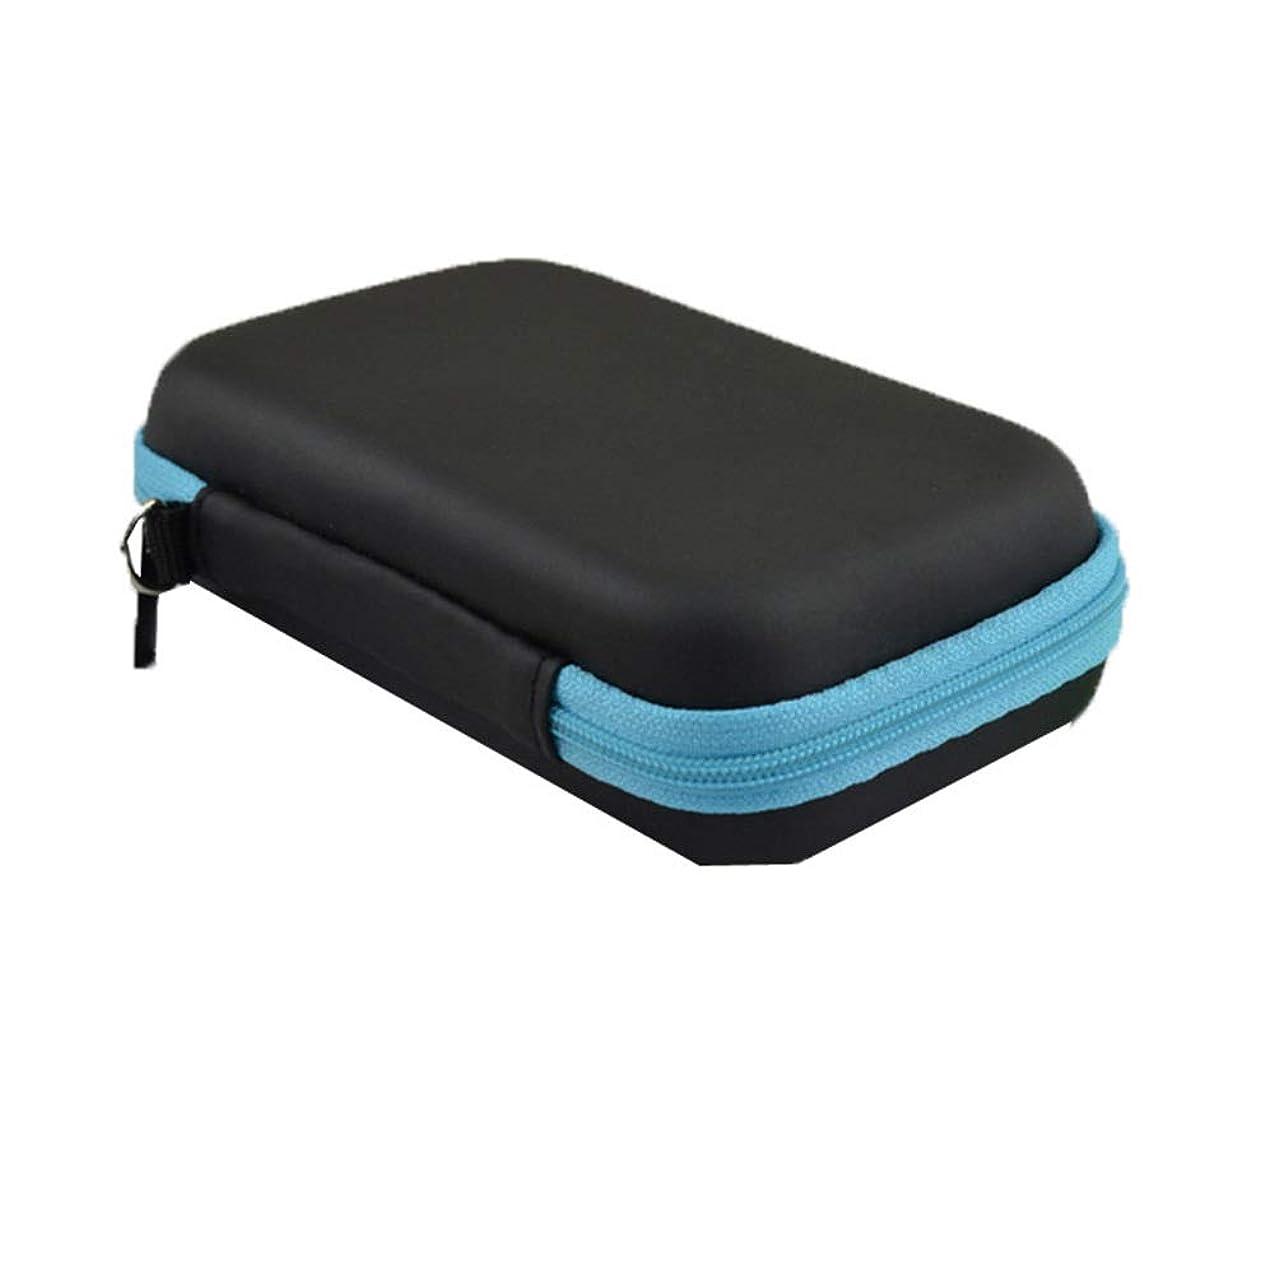 アンタゴニストぺディカブ敏感なケースハードシェルエクステリアストレージOrganizerHolds 1-3MLエッセンシャルオイルキャリングエッセンシャルオイル 香水フレグランス (色 : 青, サイズ : 12X7.5X4CM)